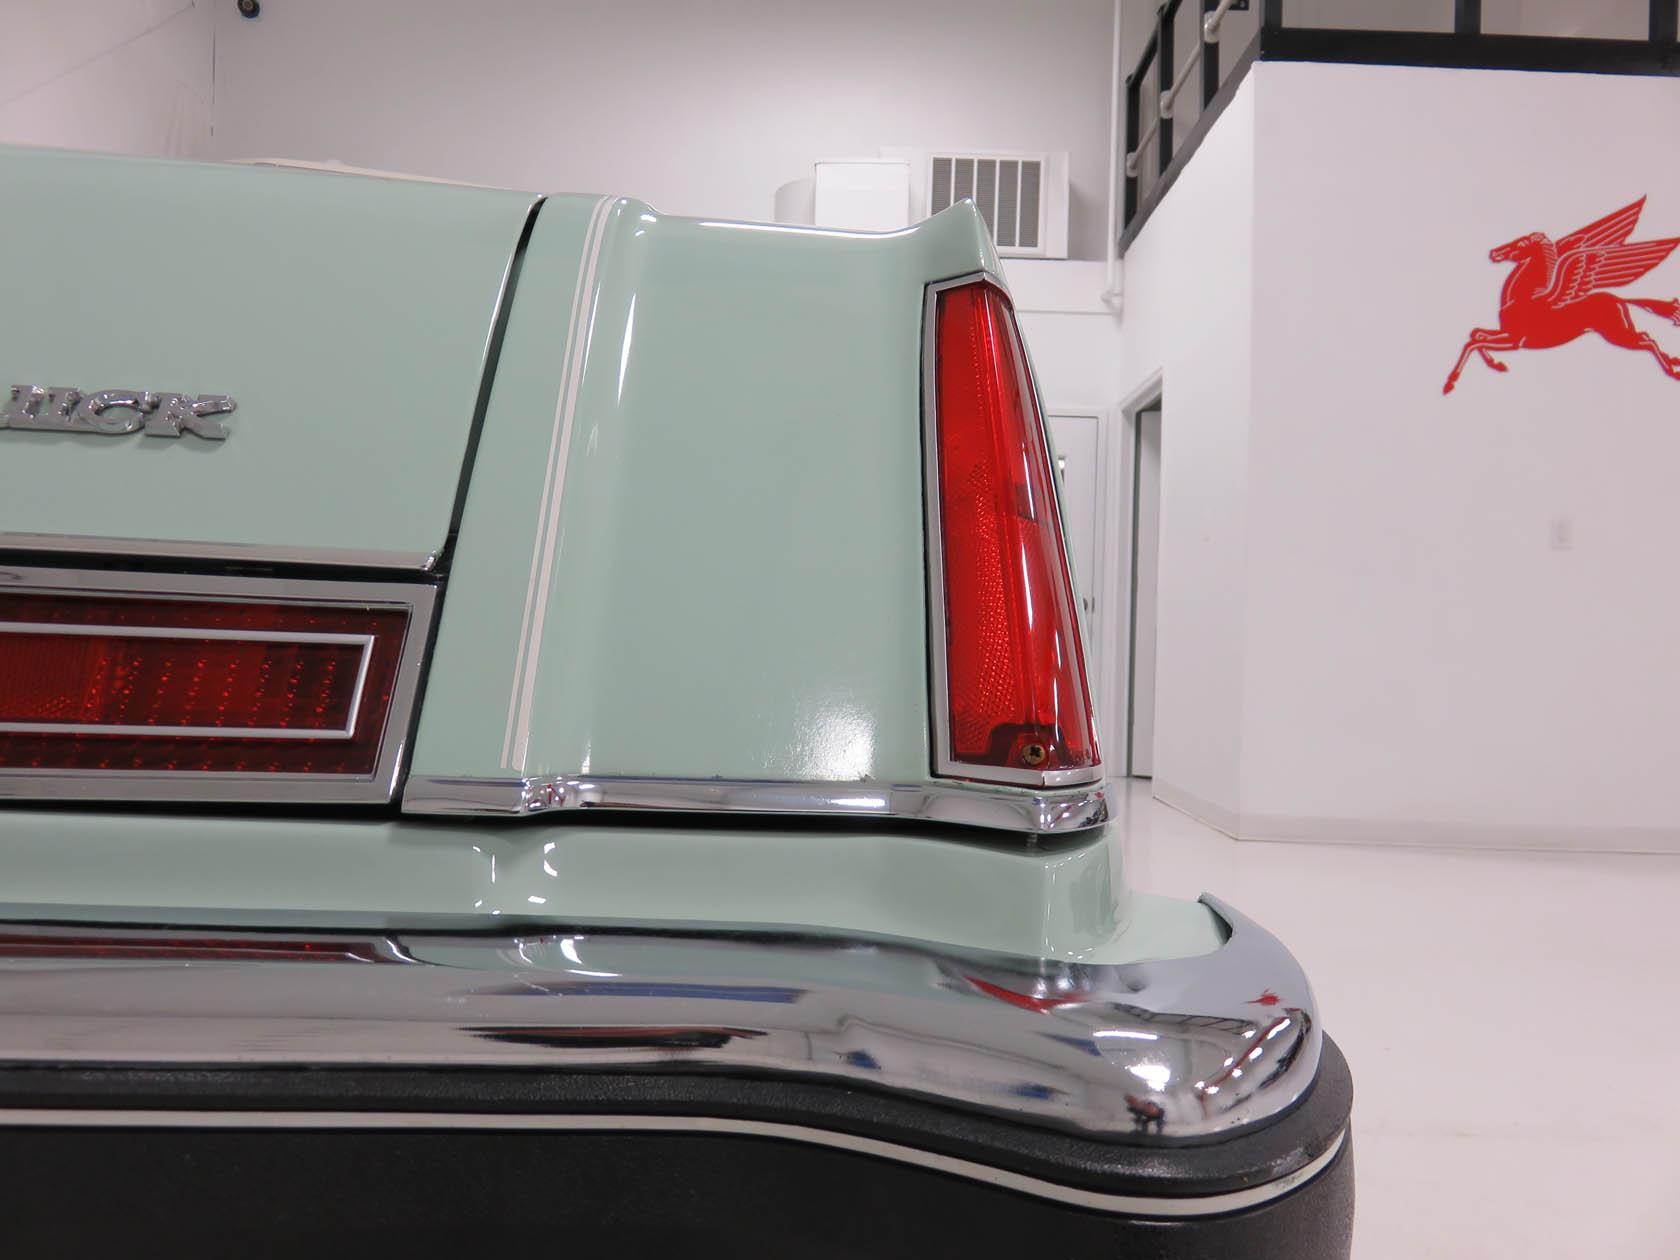 Michael Esposito - 1974 Oldsmobile Cutlasss Supreme 326